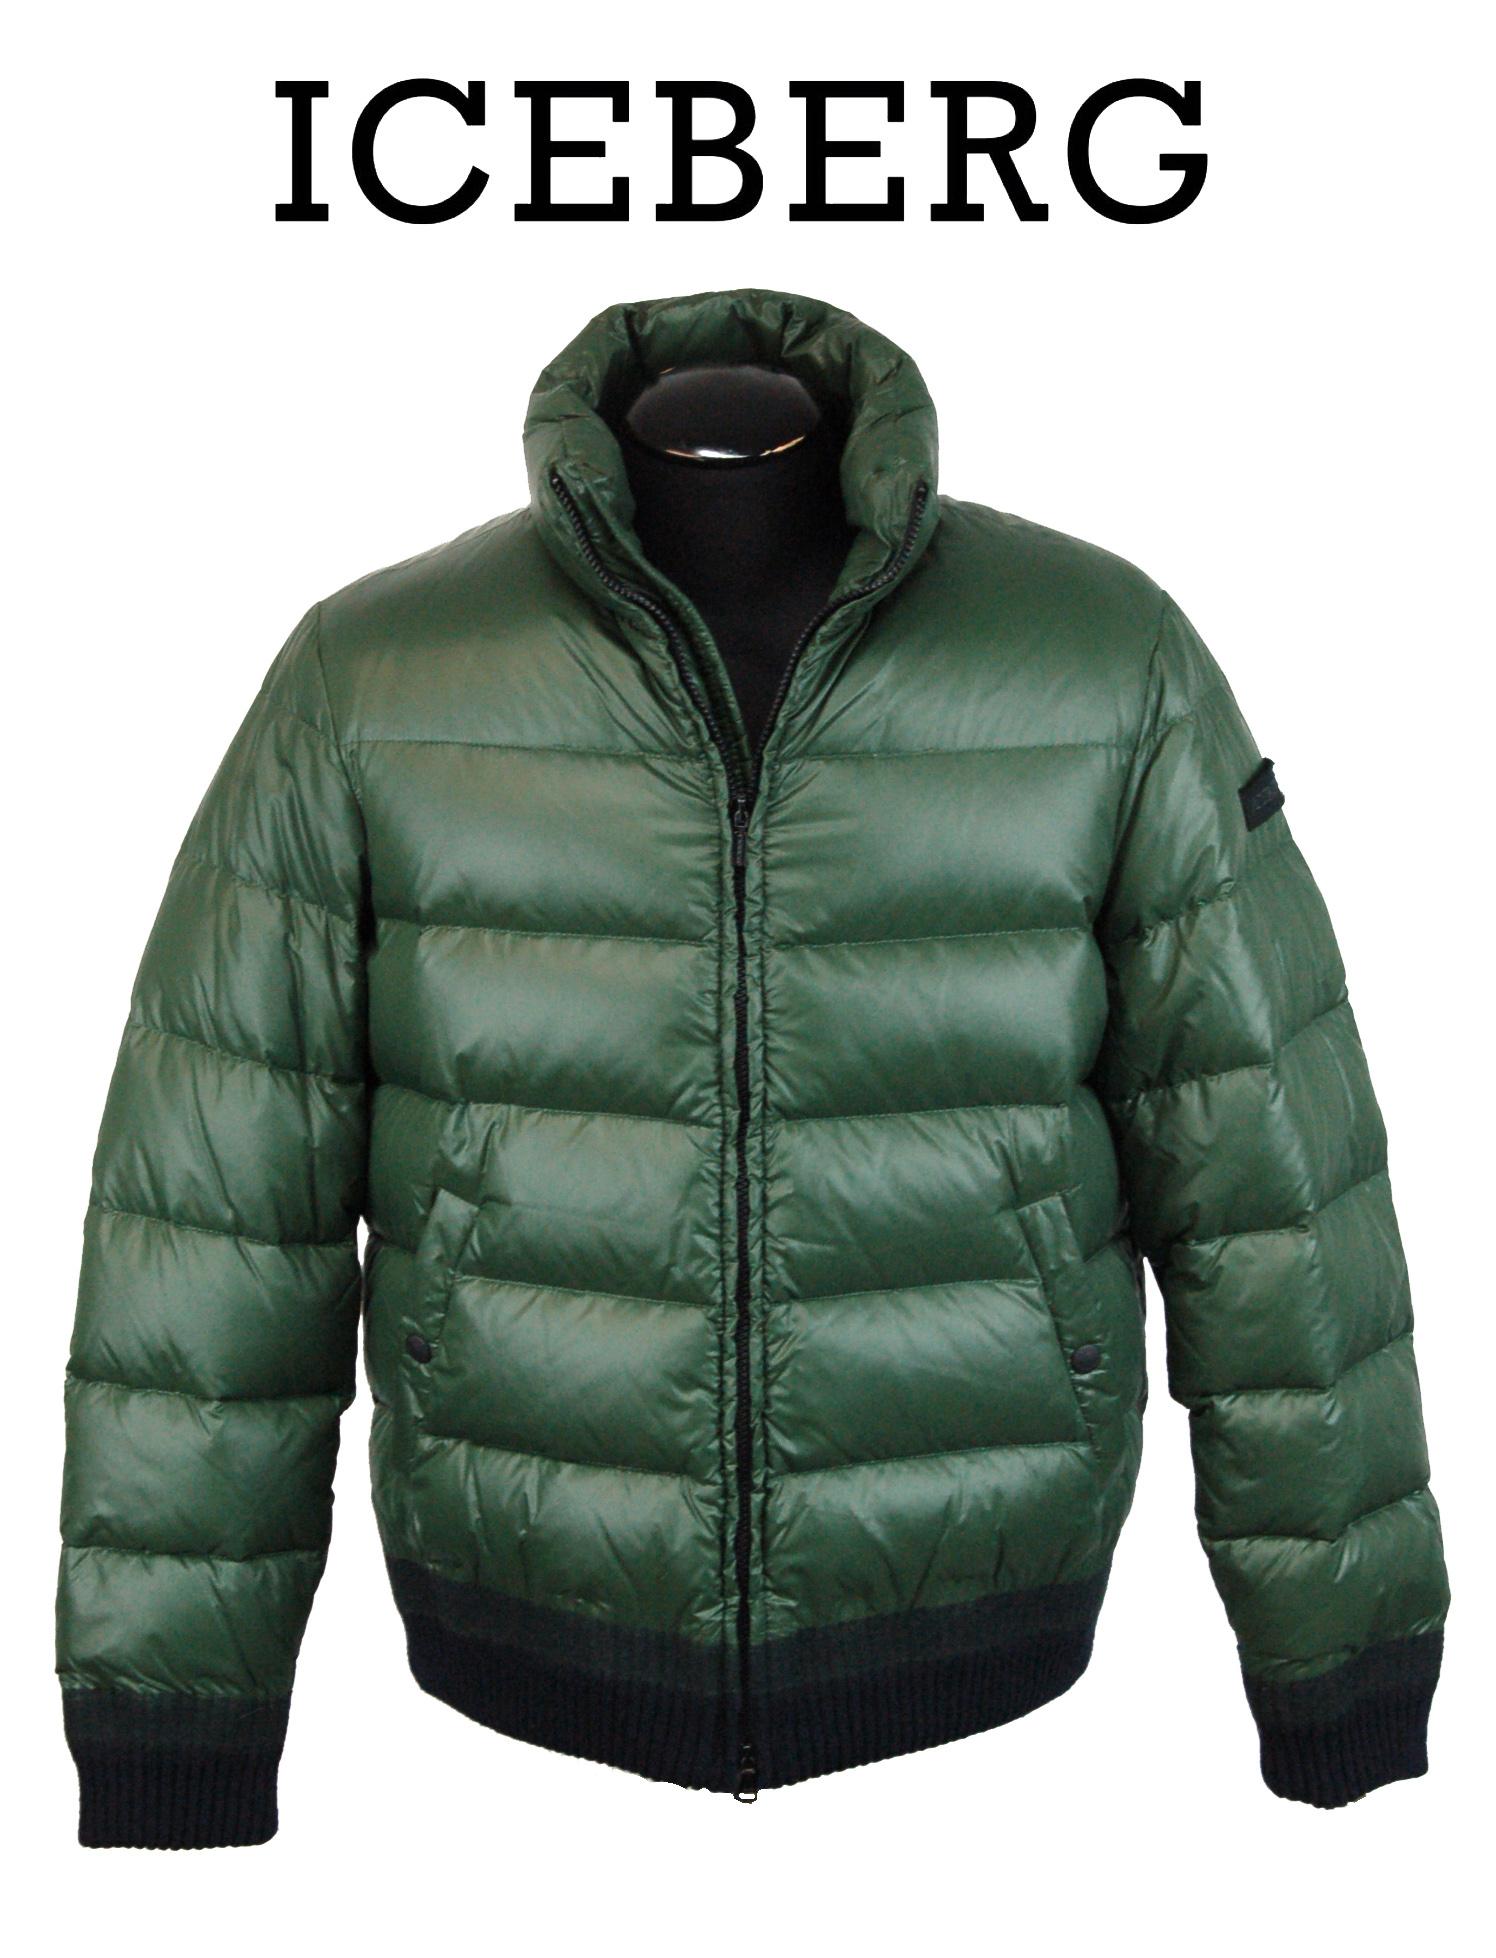 Image 1 of 4. Men s Italian Designer ICEBERG Goose Down Puffer Jacket ... 754fce143